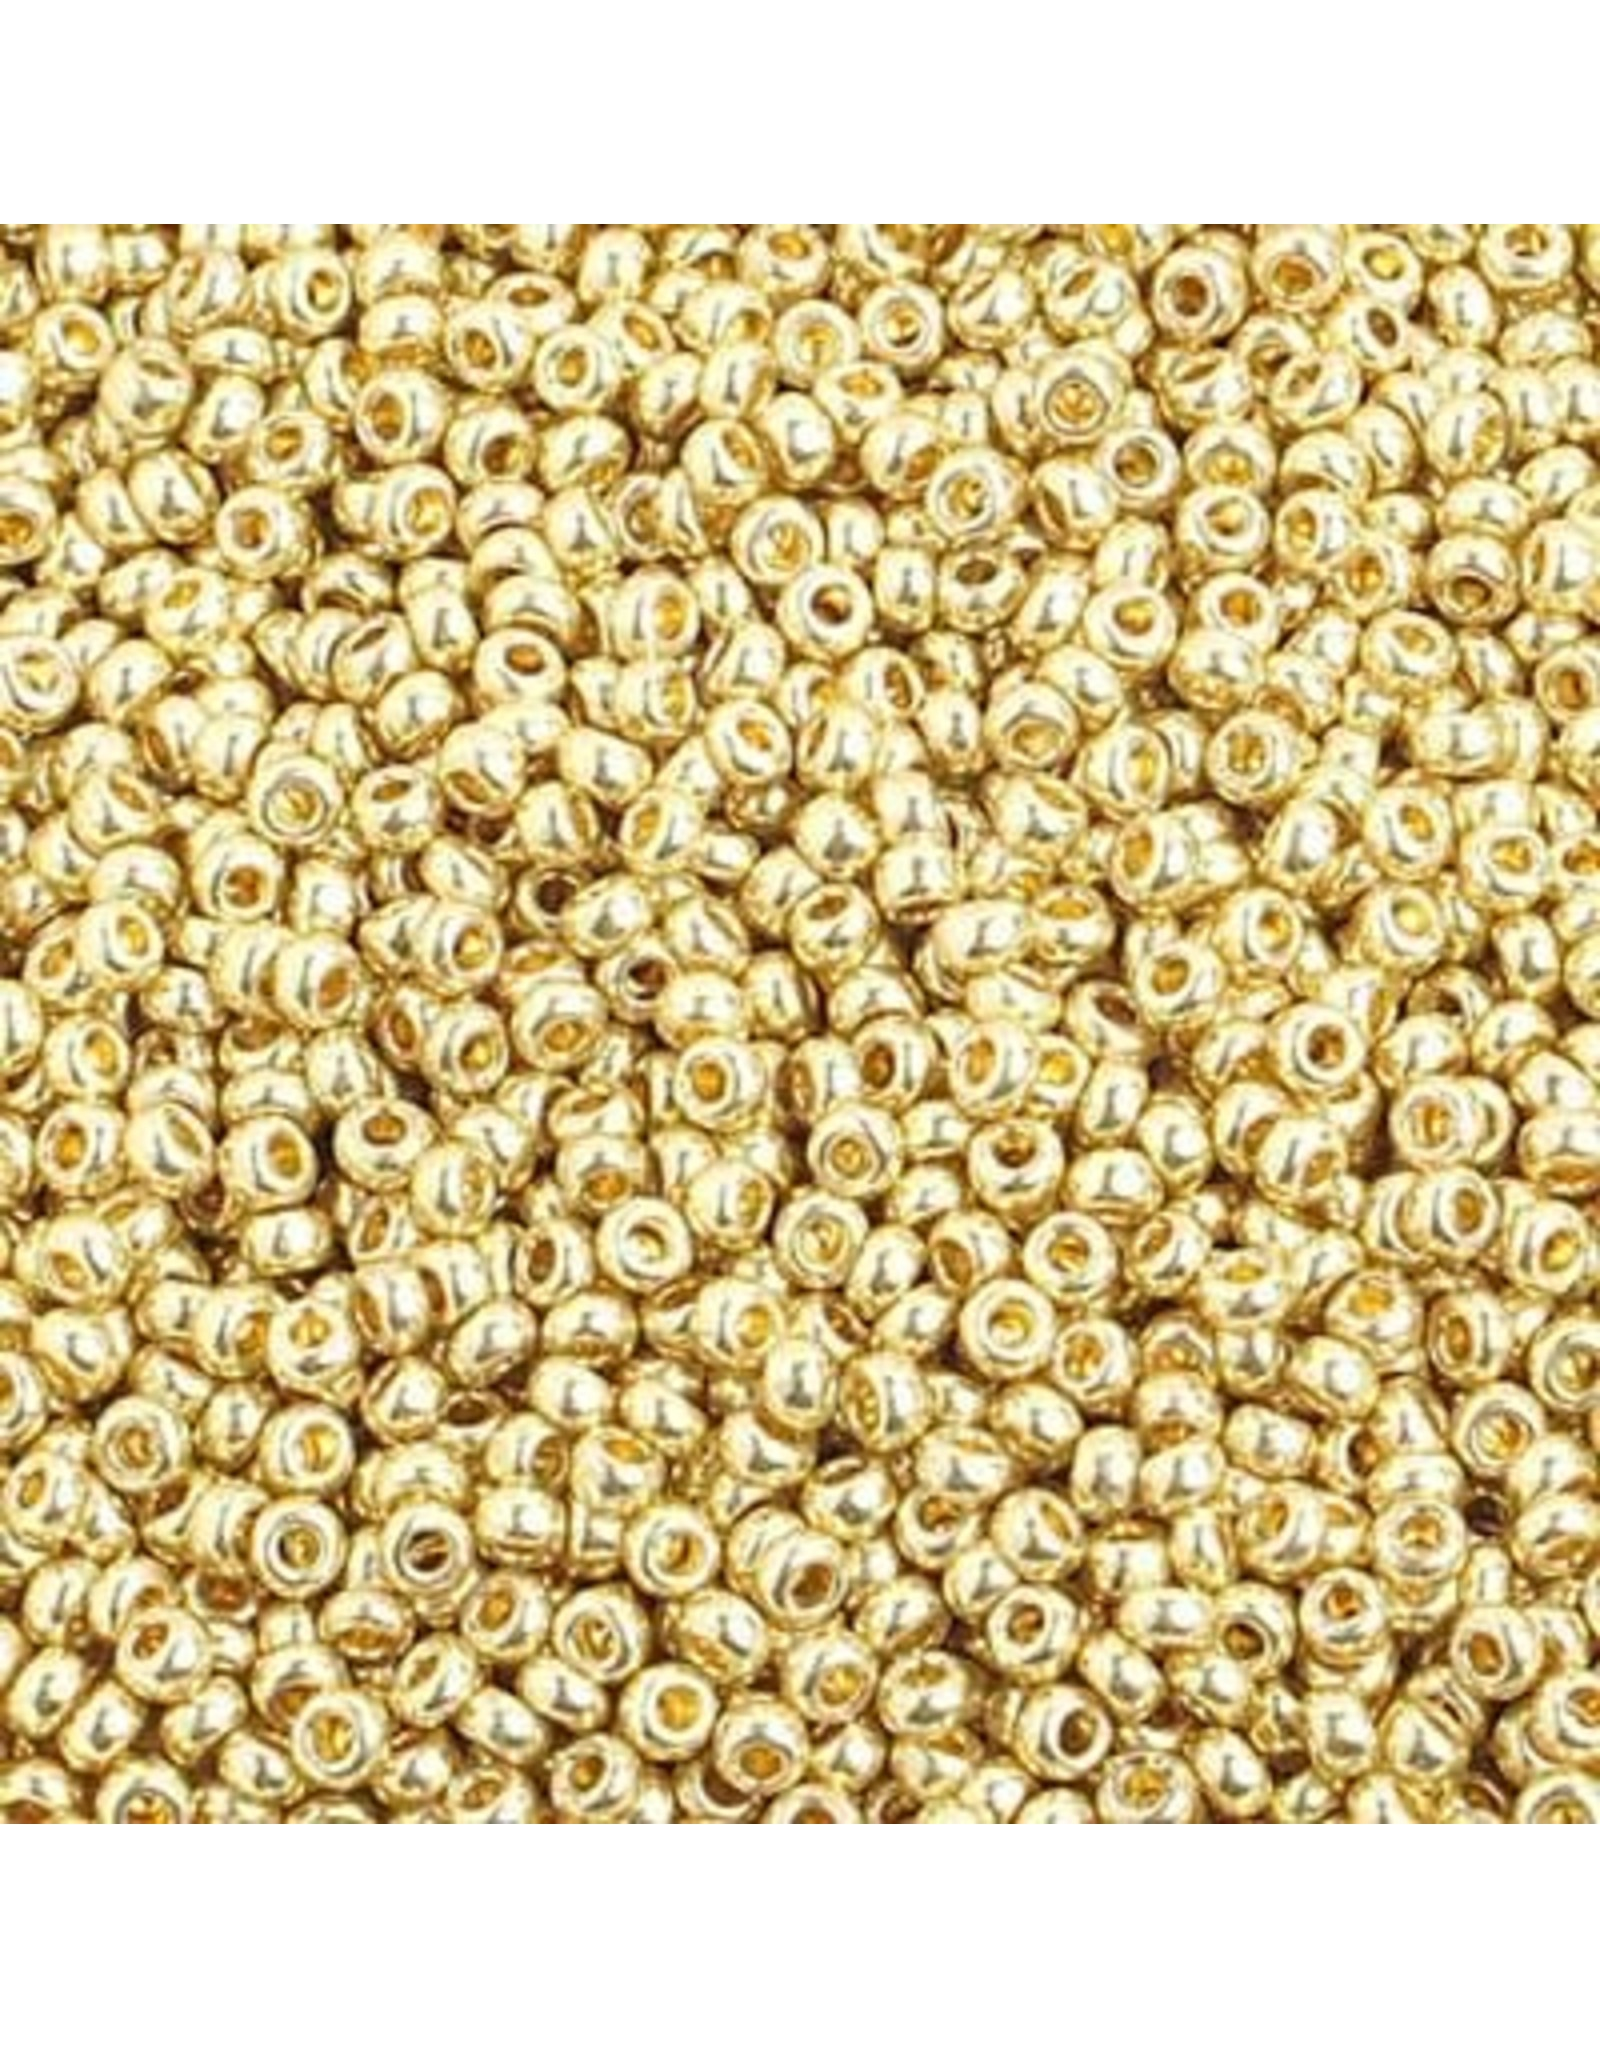 Czech *40026 10  Seed 125g  Light Gold Metallic s/g